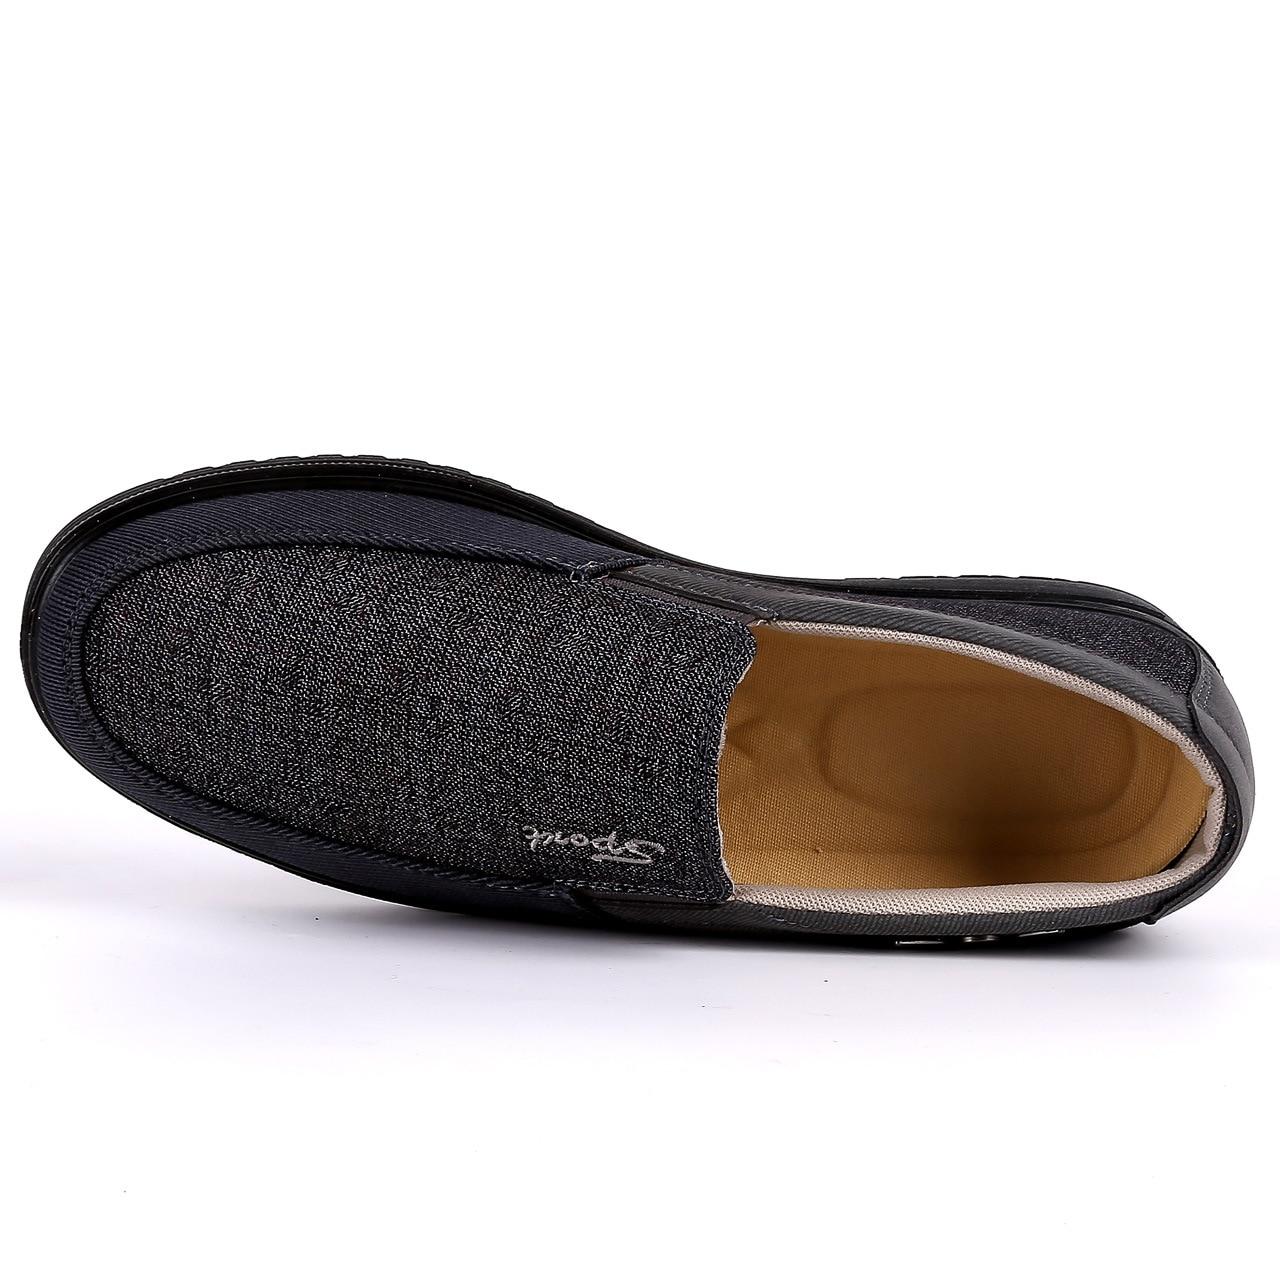 Appartements Décontractées 38 D'été 2018 Style Gamme Creepers Chaussures Mocassins Décontracté Très Taille Confortable gris Haut Pour Hommes Marron De Maille 44 TqTAY